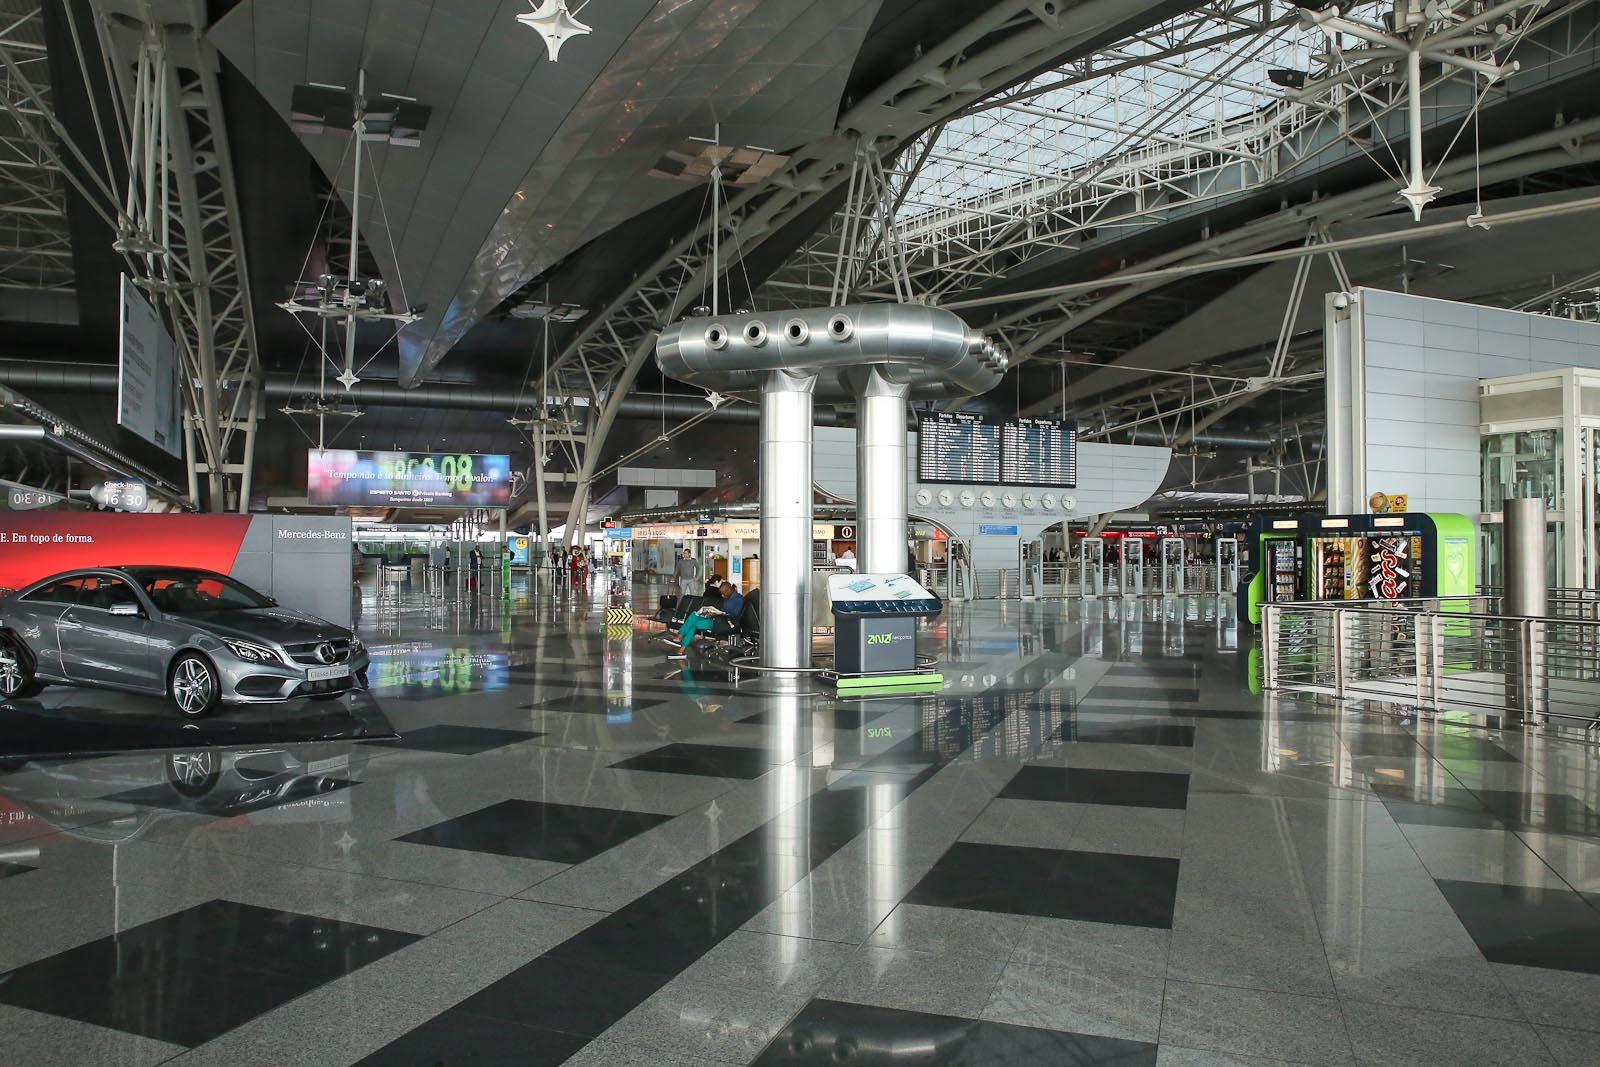 На втором этаже пассажирского терминала аэропорта Порту